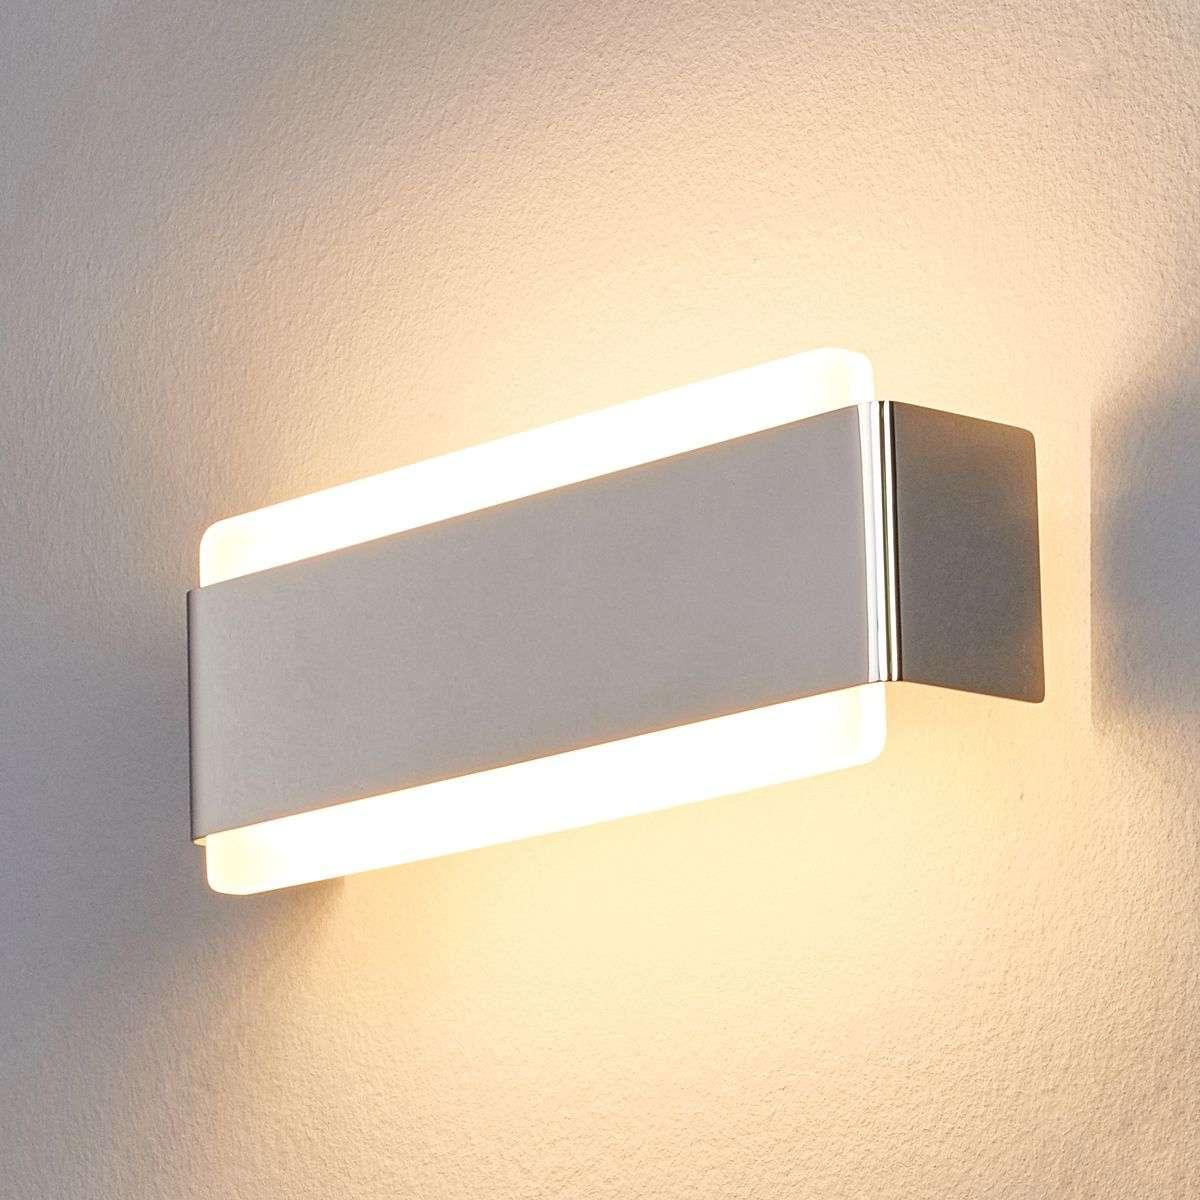 indirect wall lighting. Charline LED Wall Light - Shines Indirect Lighting S